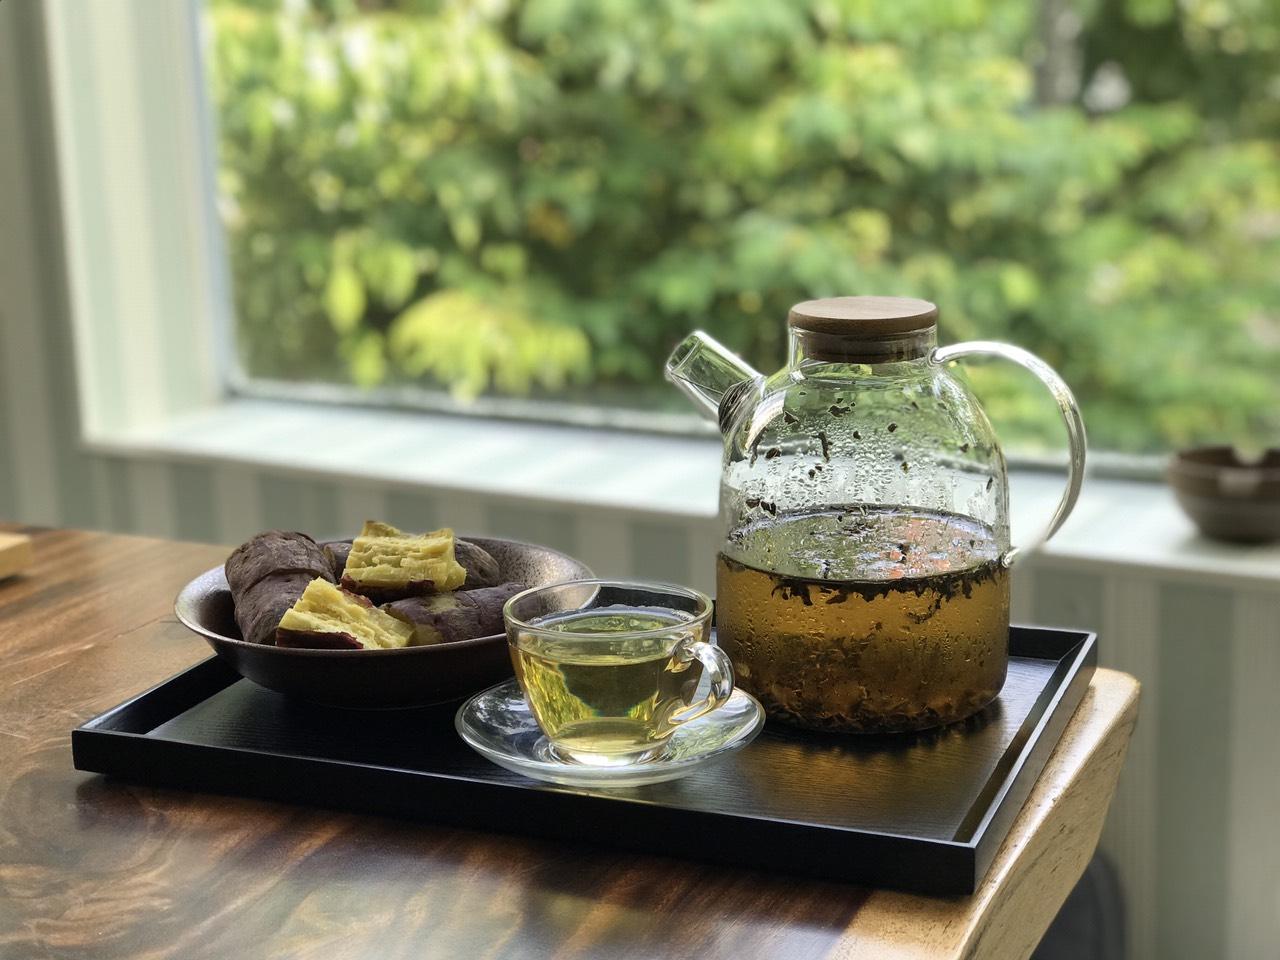 Uống trà tốt cho sức khỏe thì cần biết uống đúng thời gian